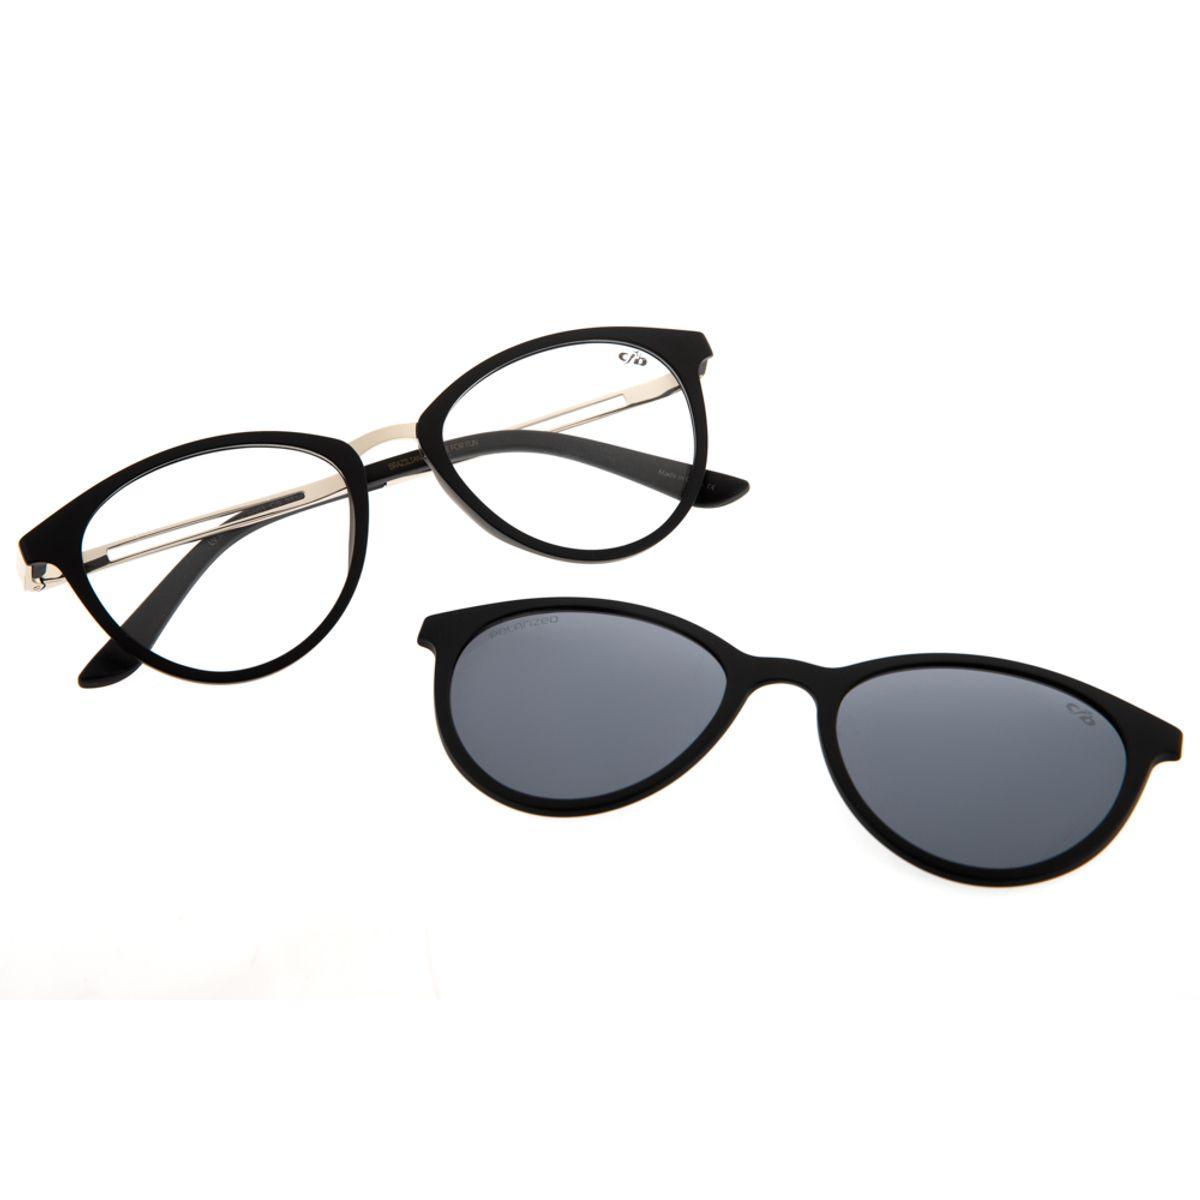 f7b4735c1 Armação para Óculos de Grau Feminino Chilli Beans Multi 2 em 1 ...